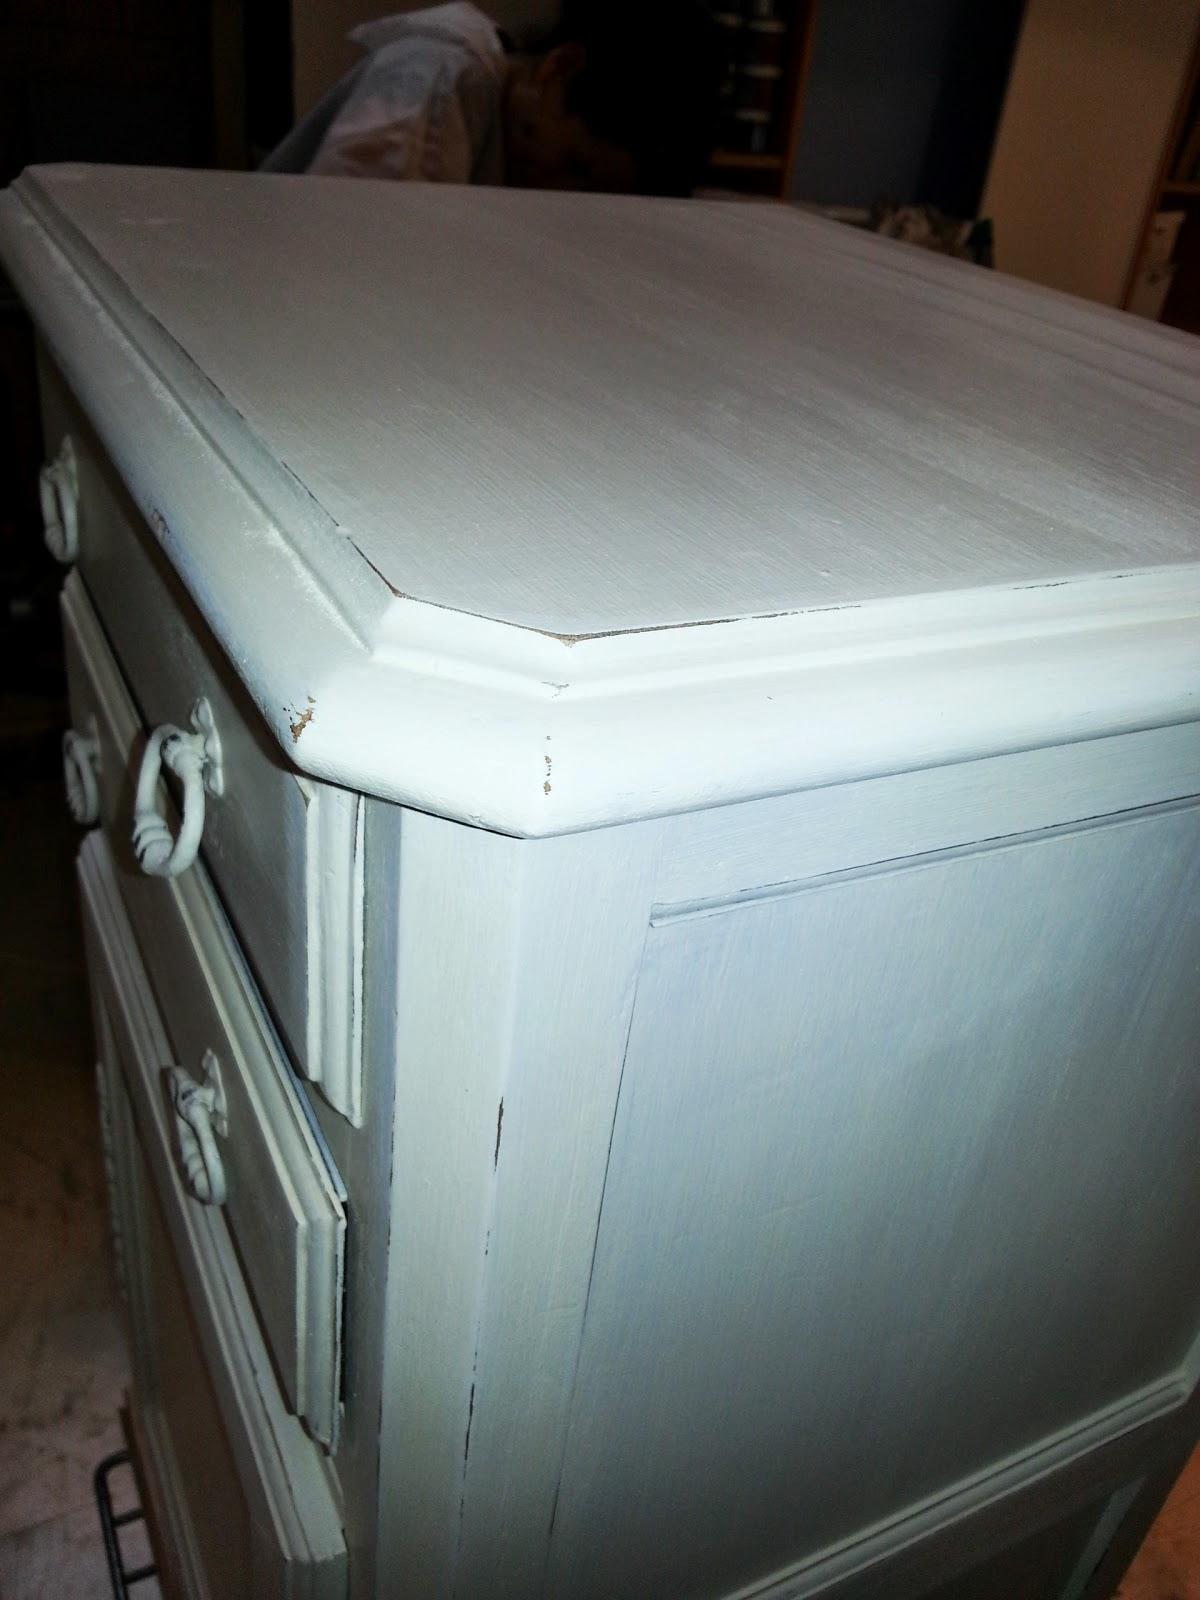 Peinture pour meuble vernis sans poncage - Peinture pour meuble vernis sans poncage ...